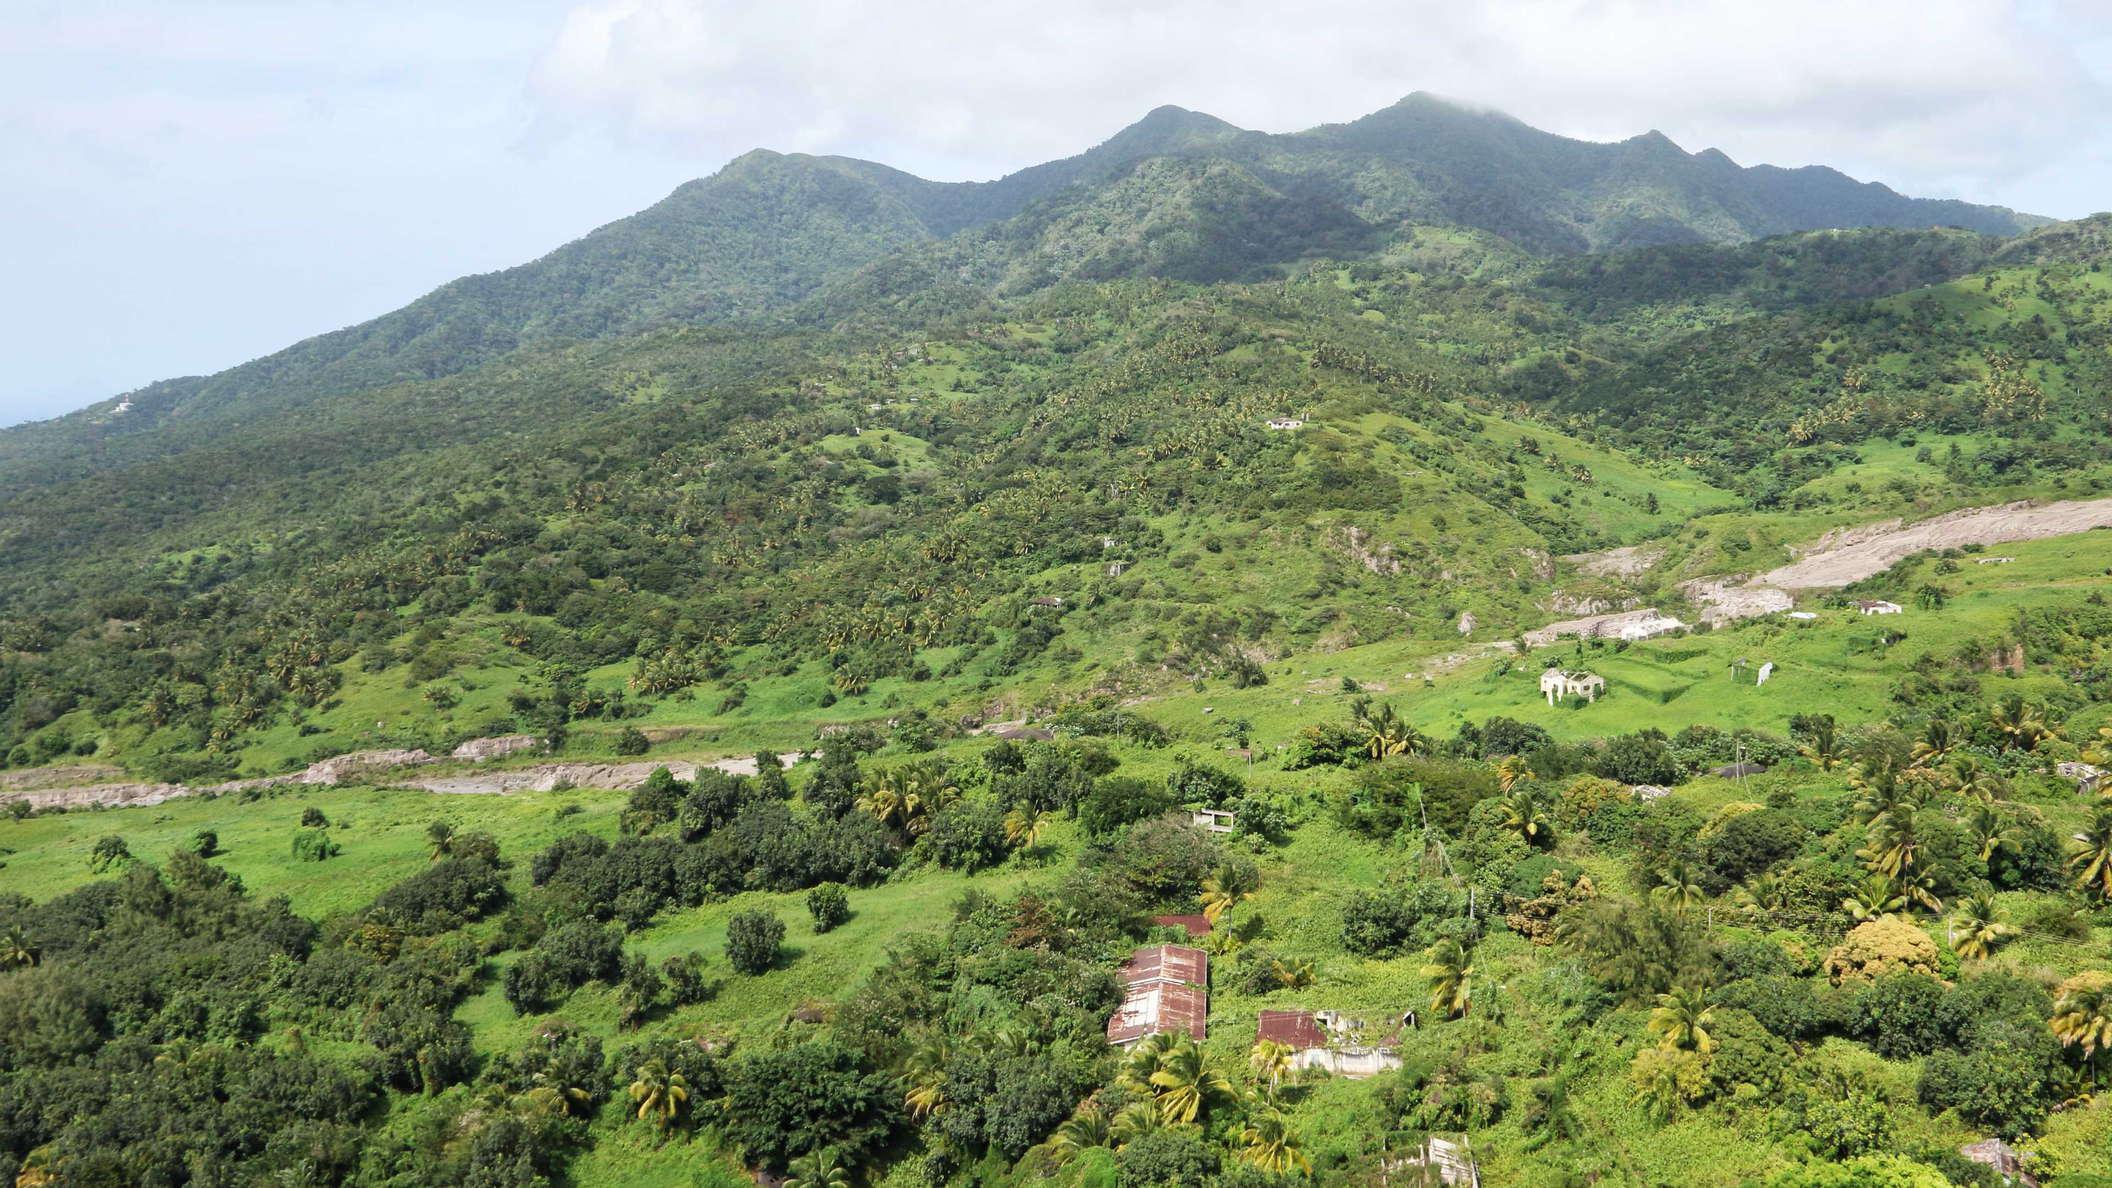 Centre Hills montserrat